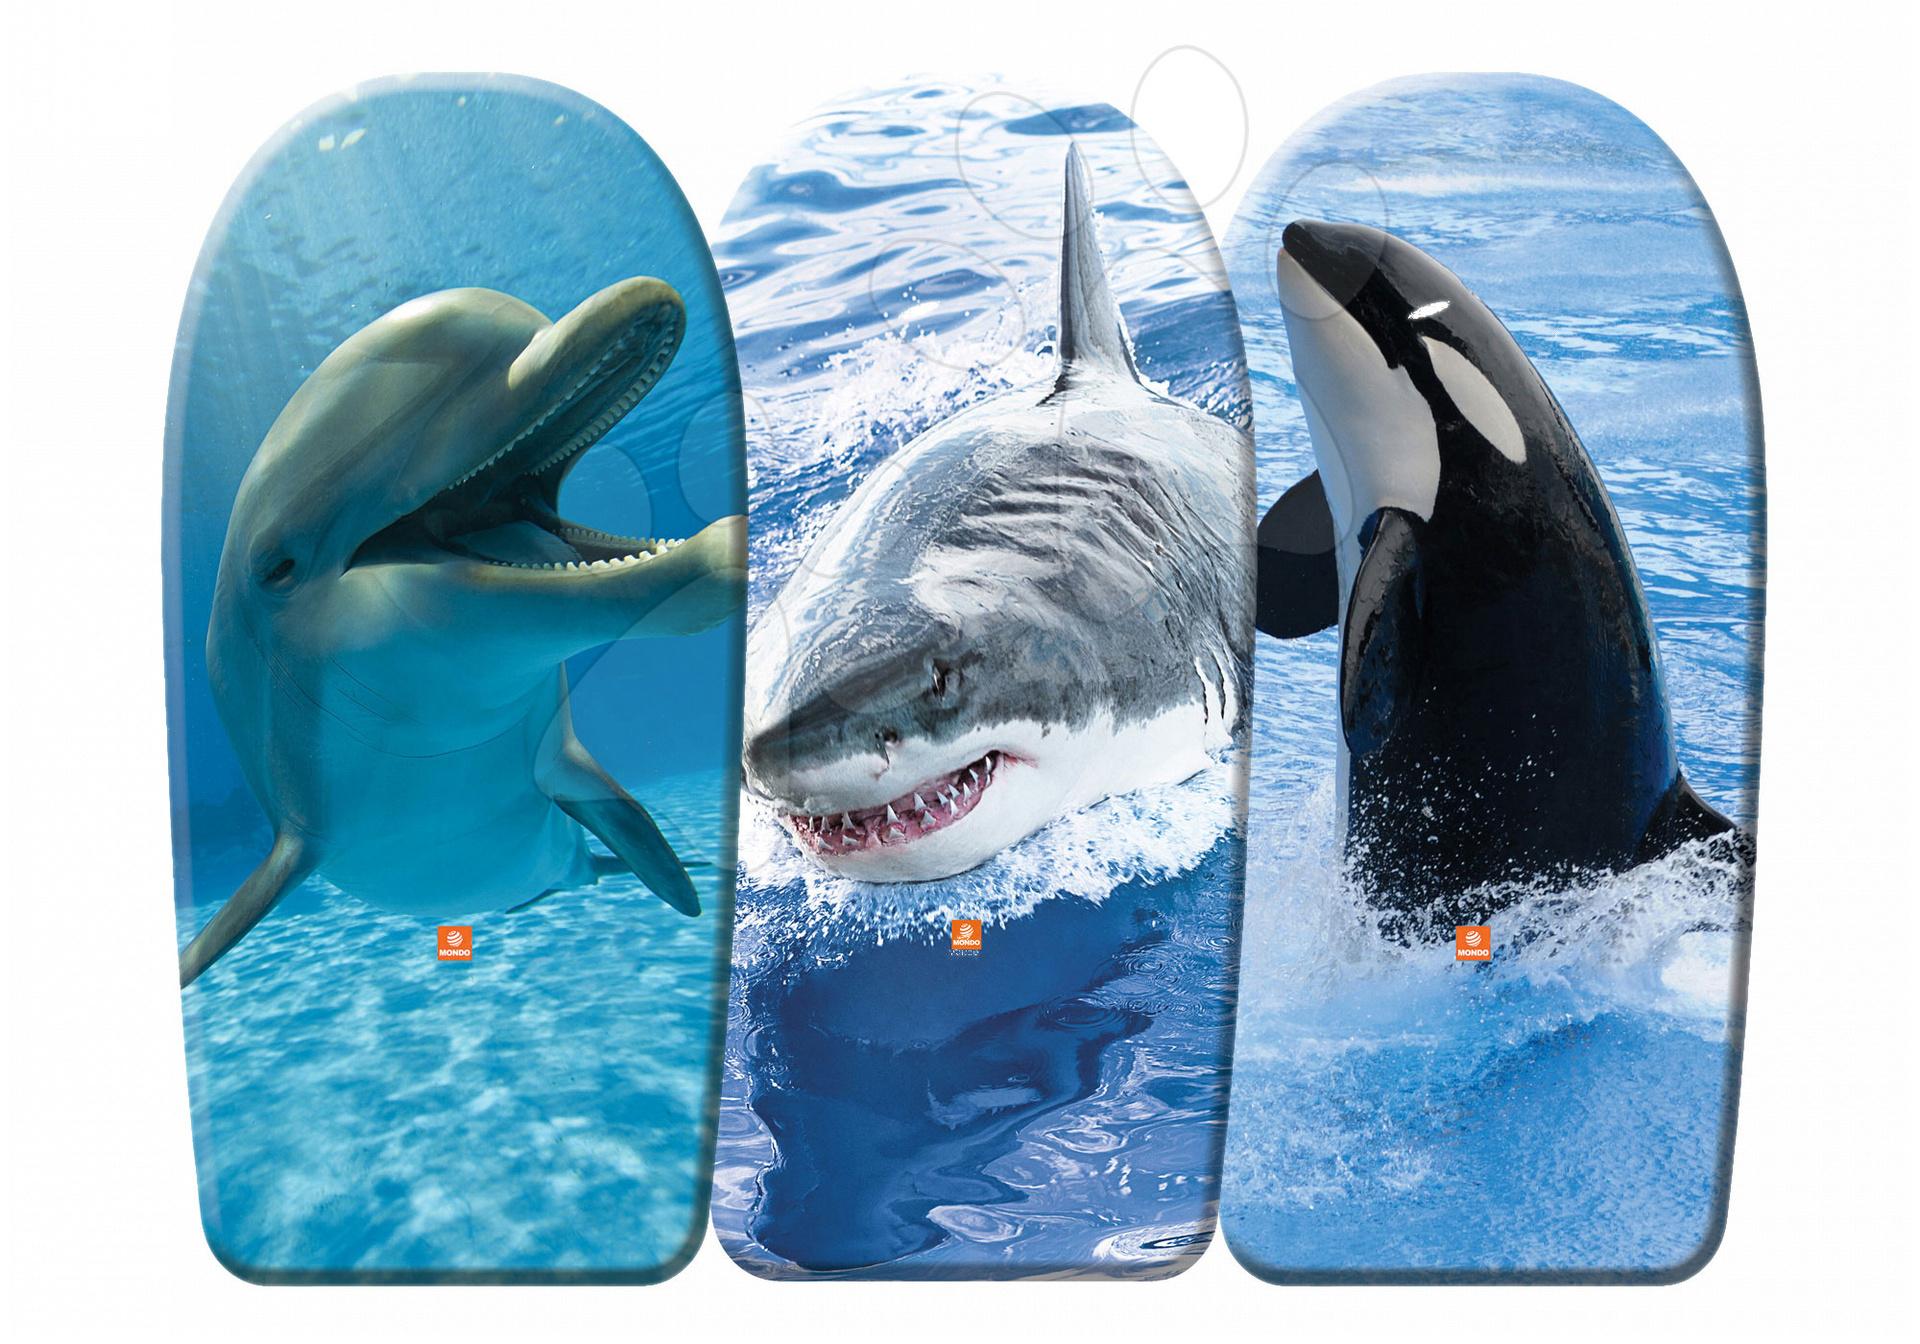 Úszódeszkák - Habszivacs úszódeszka Mondo 84 cm tengeri csillag/delfin/cápa 3 db